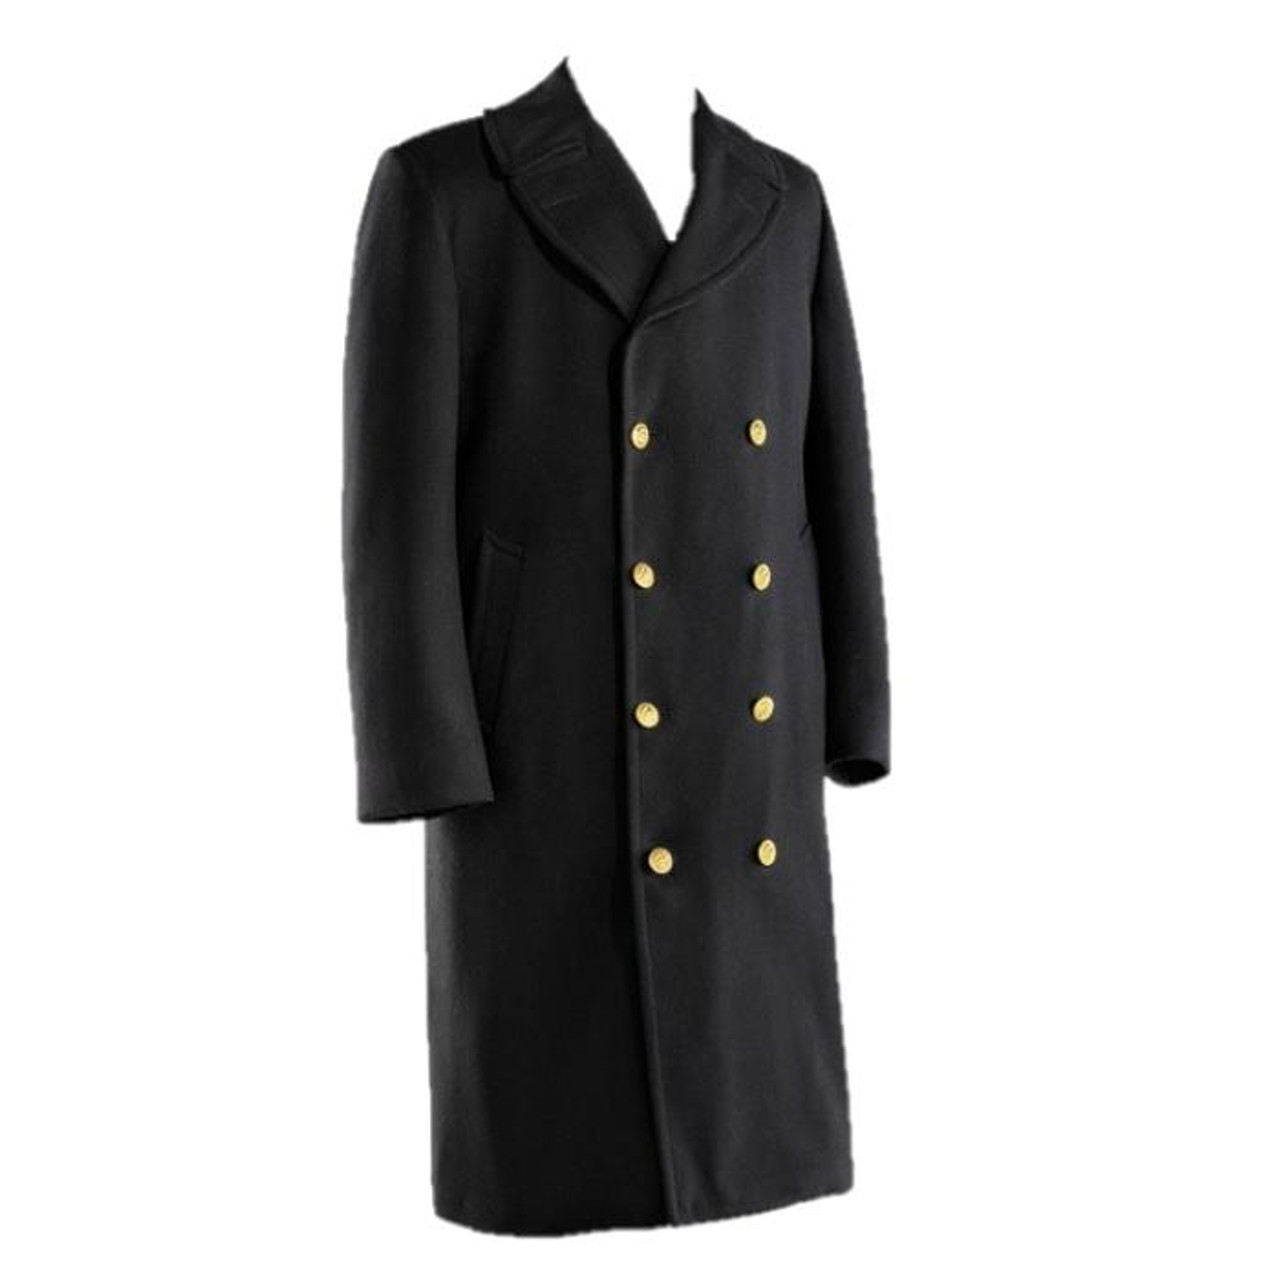 USN Wool Bridge Coat